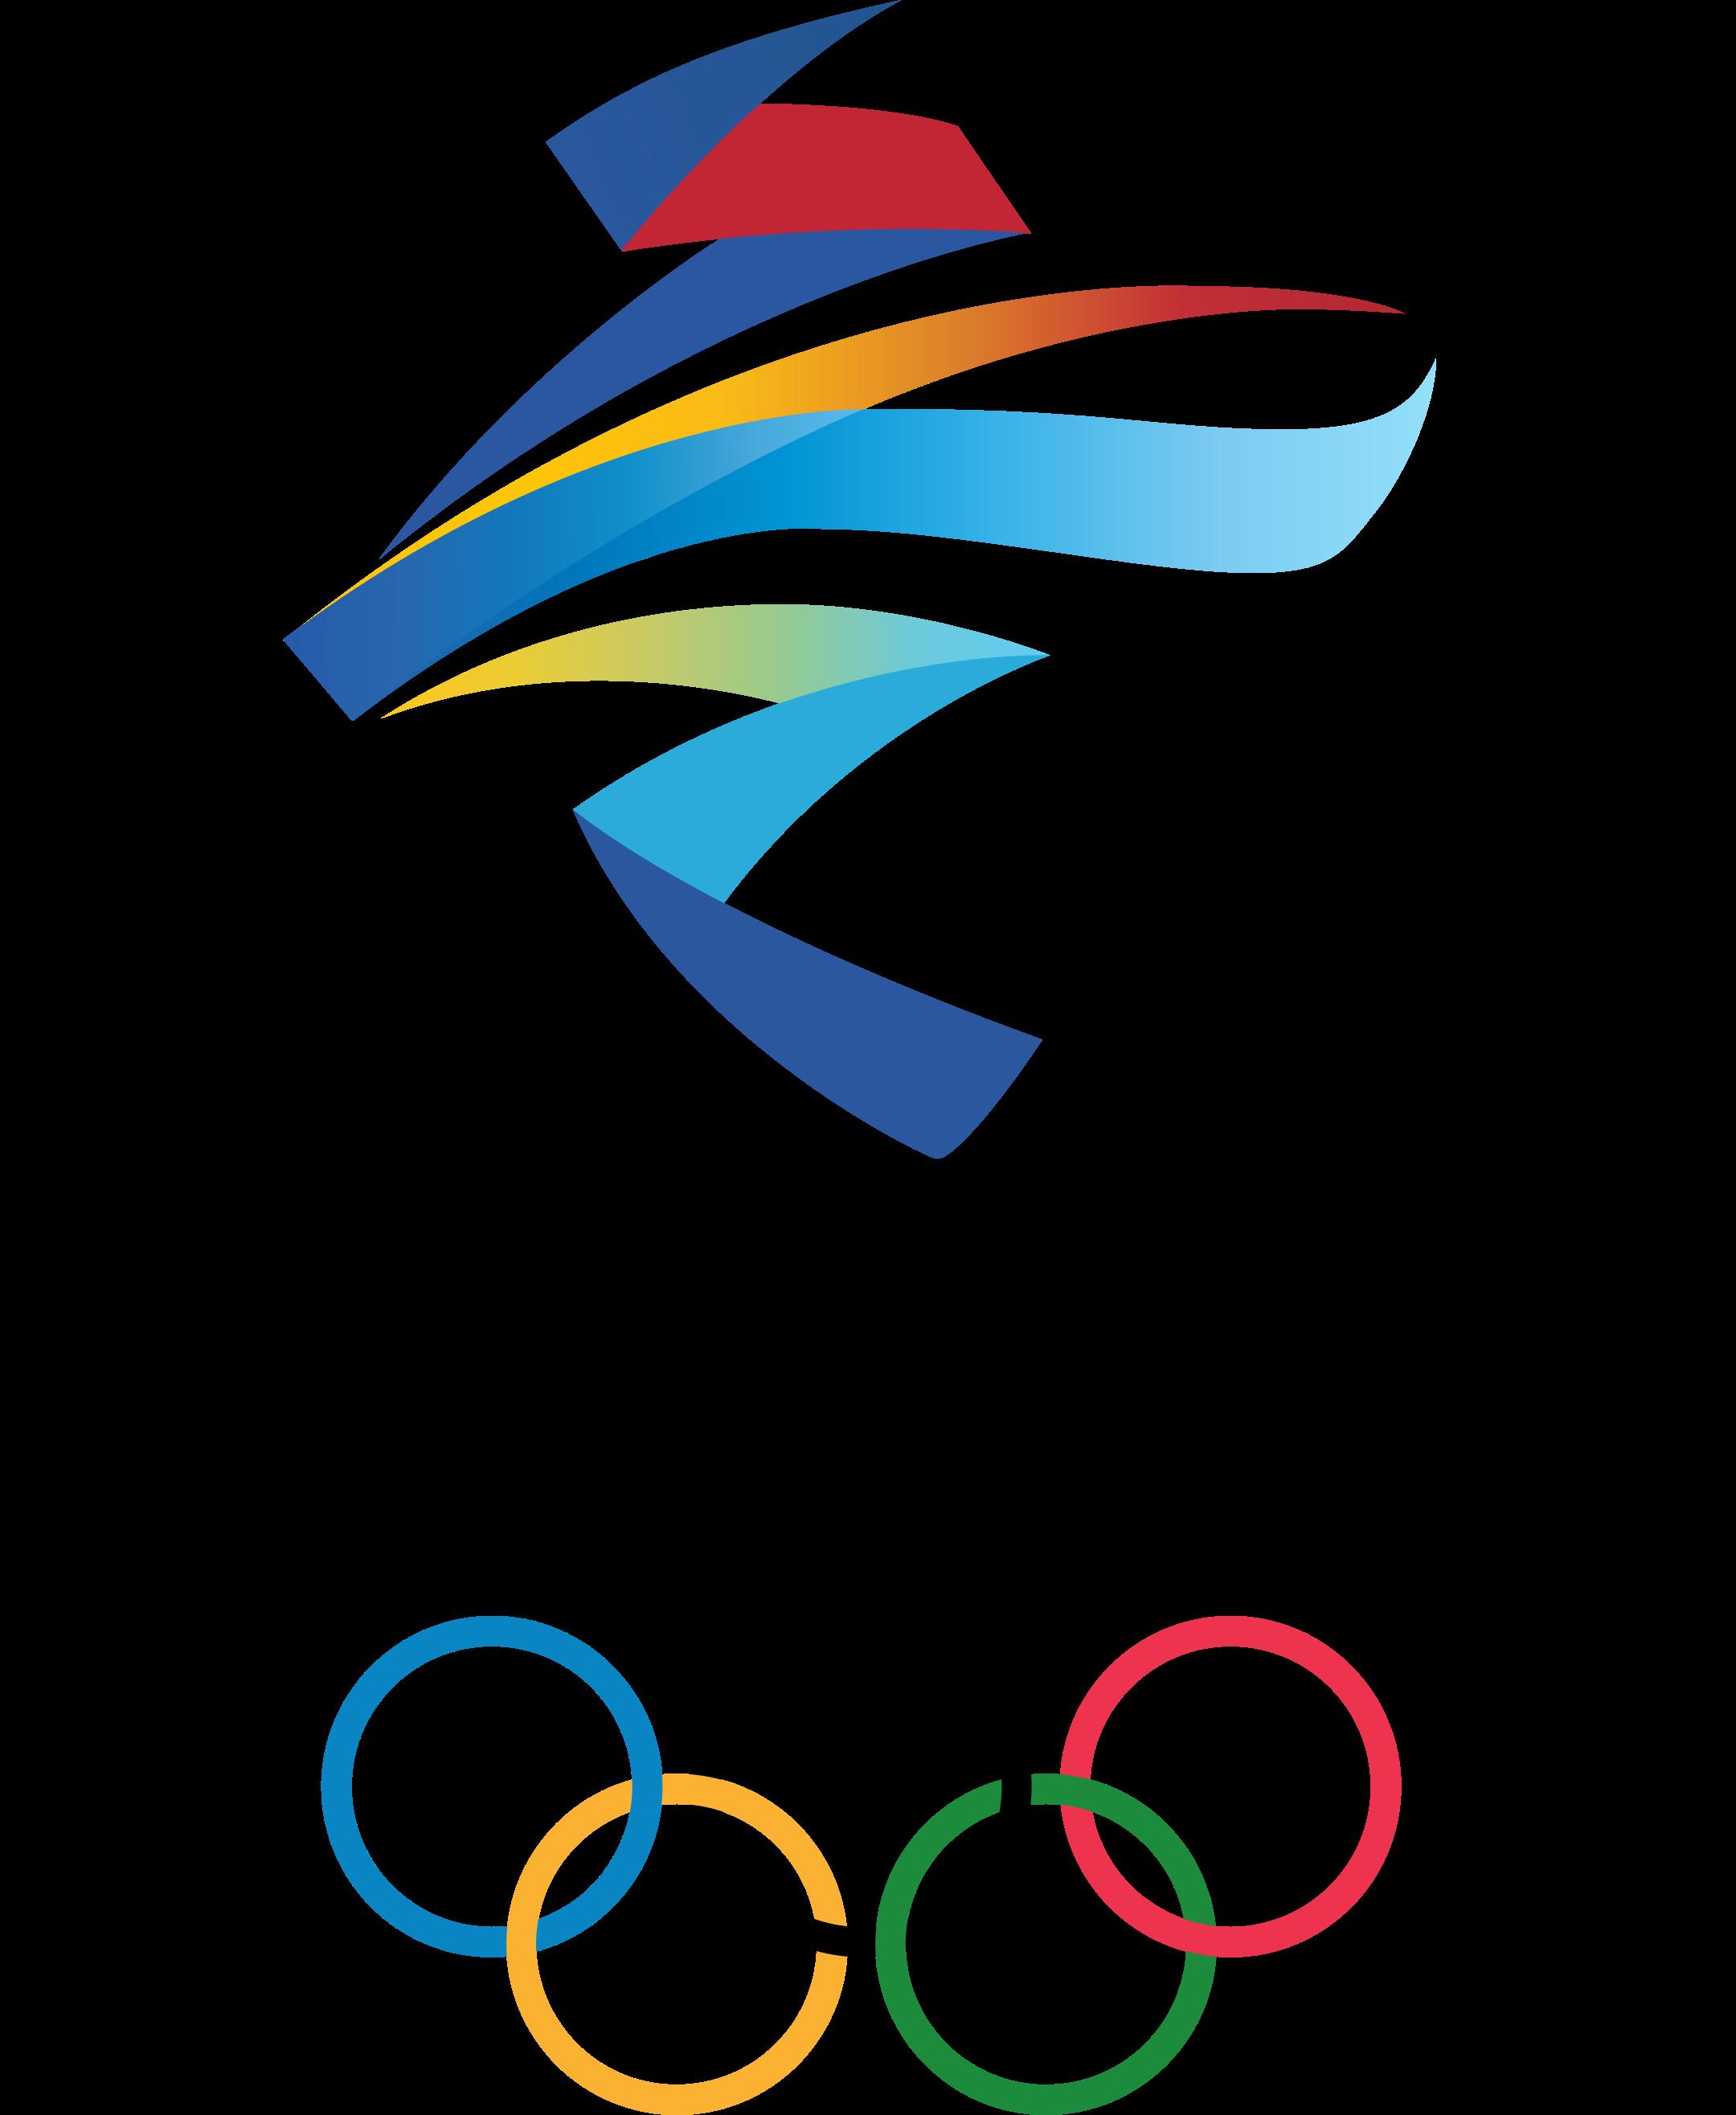 beijing 2022 logo 1 - Pekín 2022 Logo